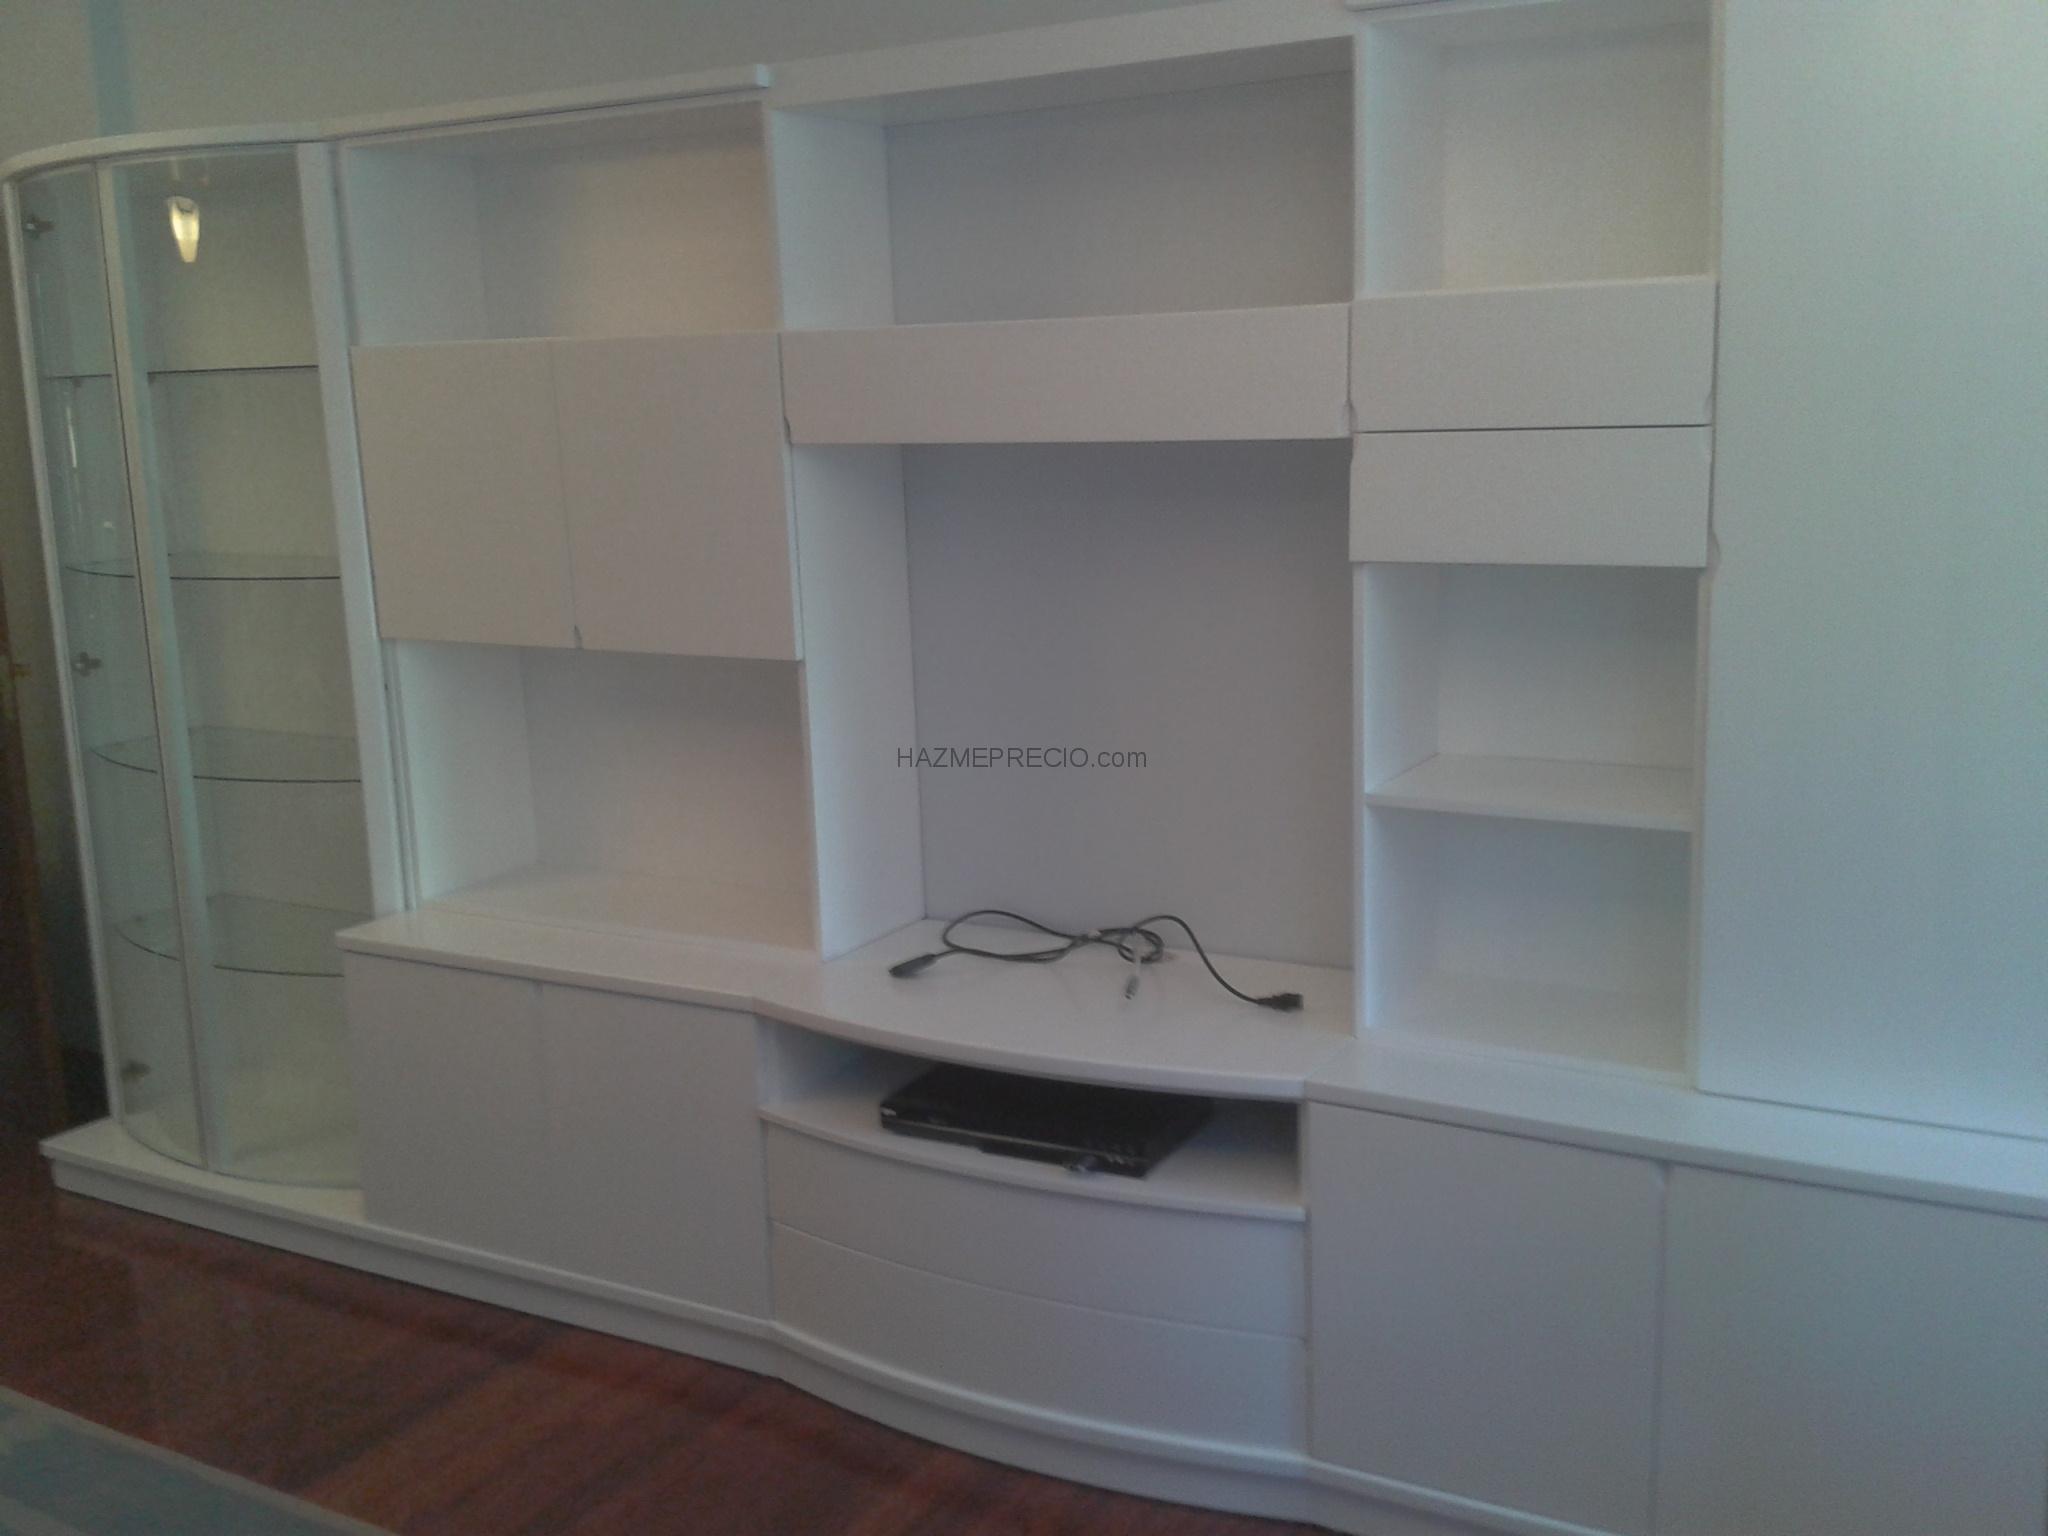 Barnizados lacados fr 48015 bilbao vizcaya for Pintar muebles barnizados